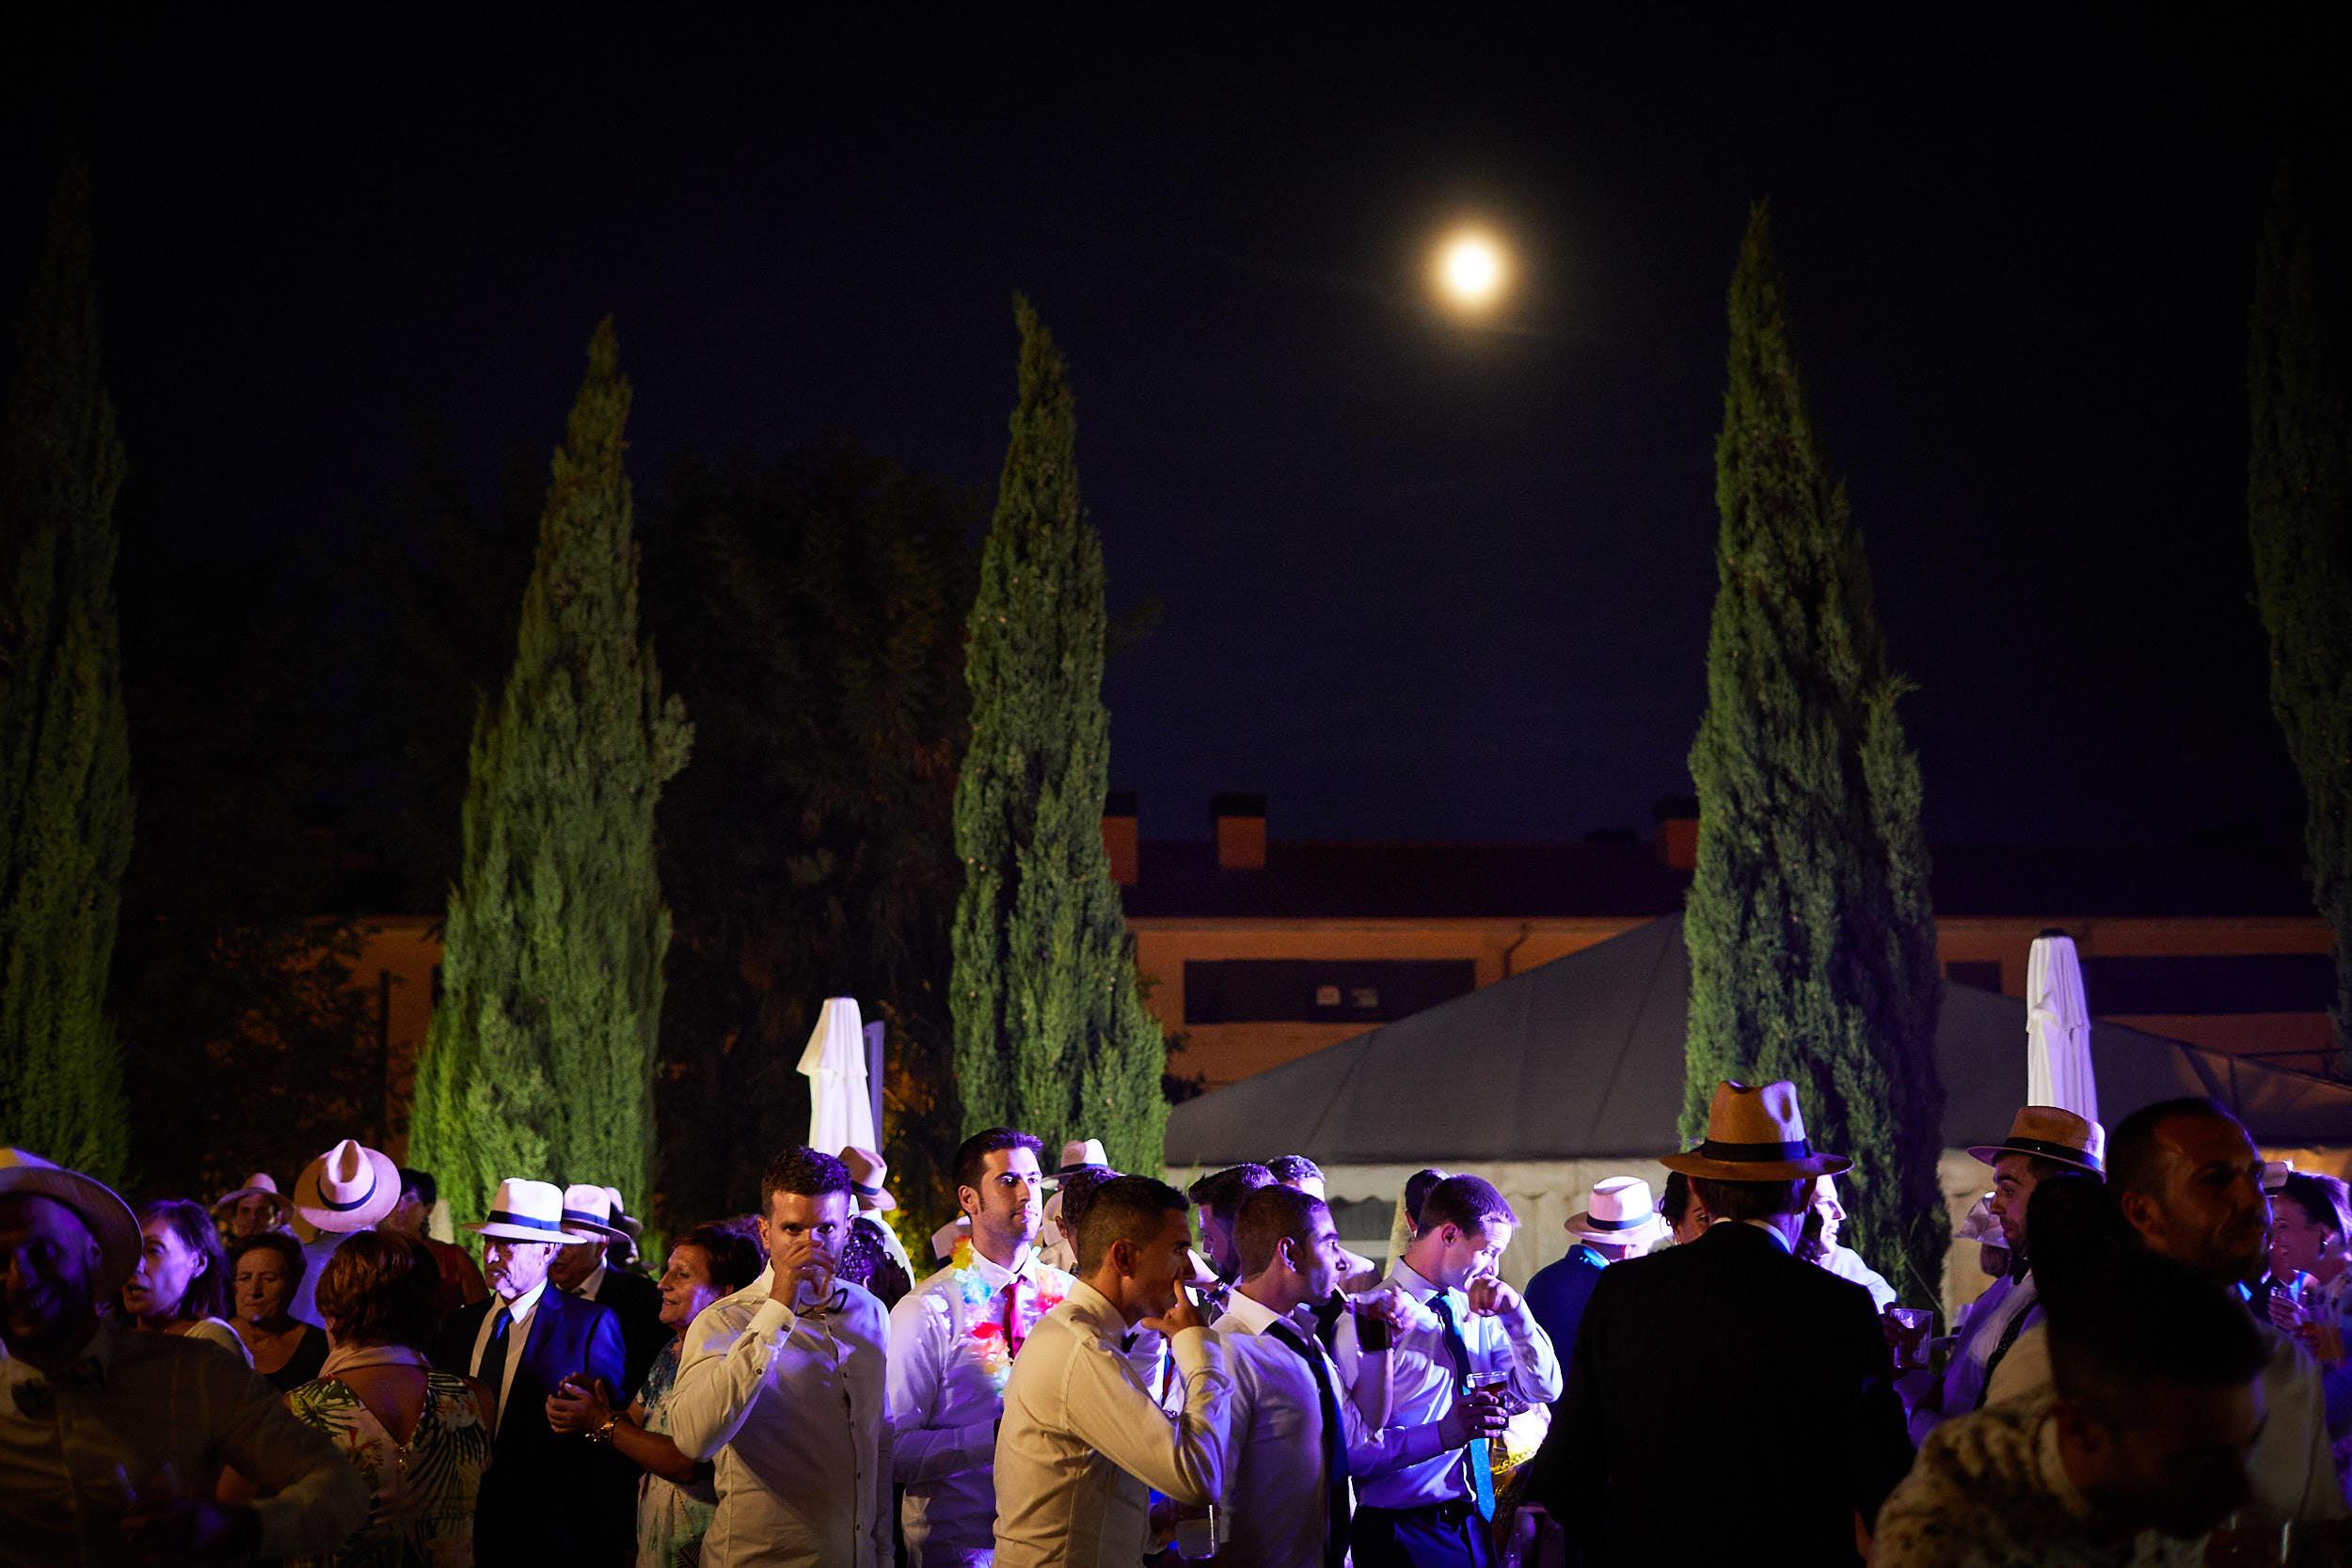 Fotógrafo de boda con estilo documental y fotoperiodismo en La Rioja Palacio Casafuerte Zarraton La Rioja Spain James Sturcke Photographer sturcke.org_00035.jpg